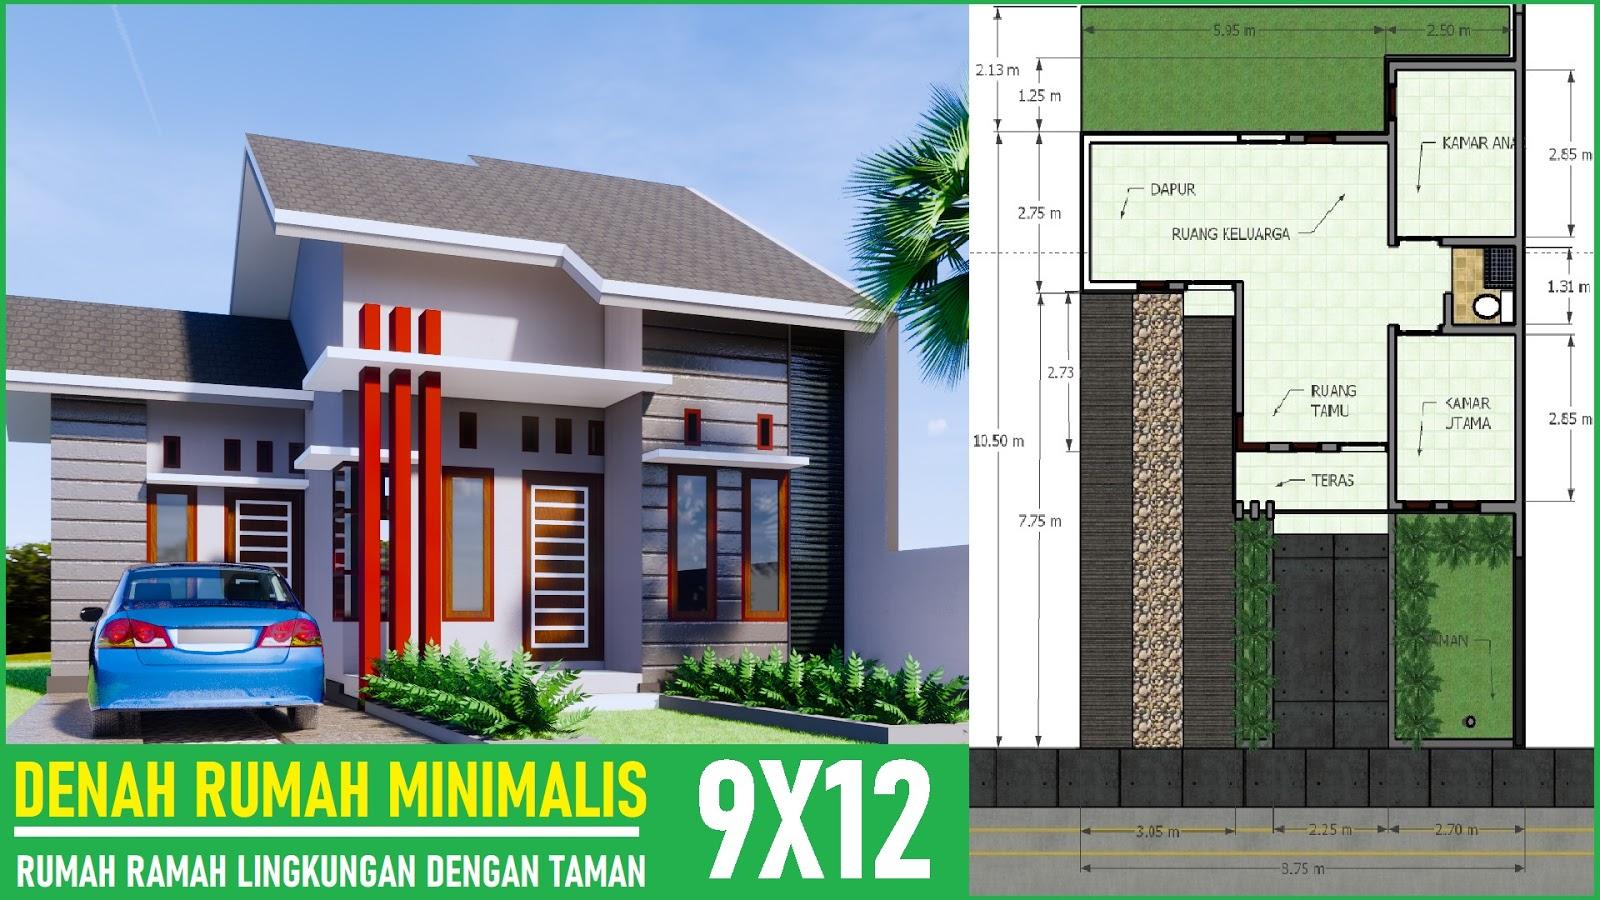 Denah Rumah Minimalis 9x12 Banyak Taman - DESAIN RUMAH MINIMALIS